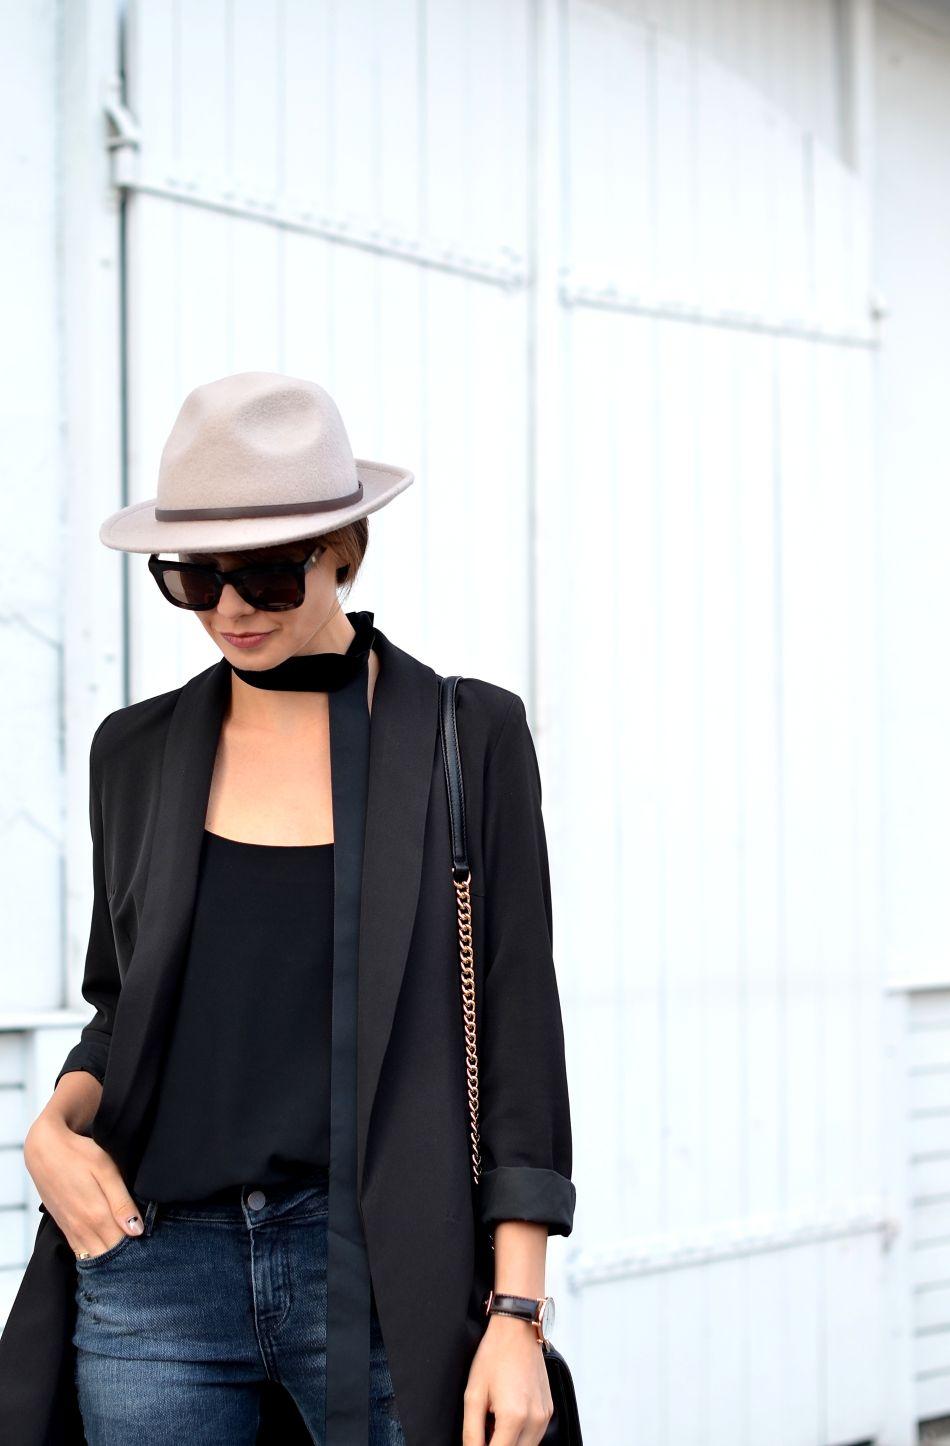 idealny kapelusz na jesien | blog o modzie | blogerka modowa | blogi modowe | kamila leciak | torebka rebecca minkoff